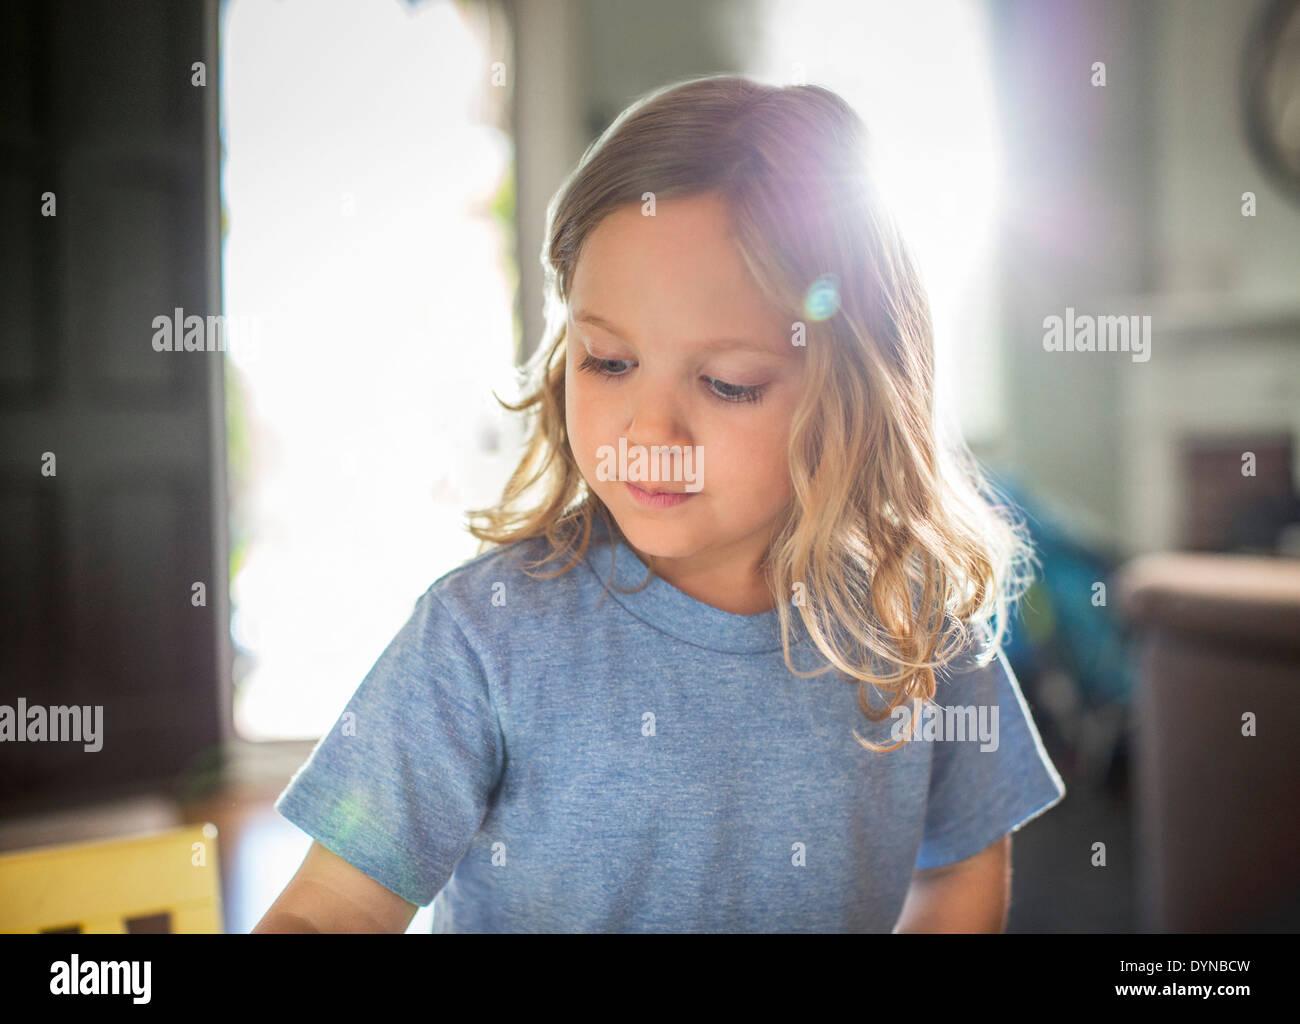 Sonne hinter Mädchen im Wohnzimmer Stockfoto